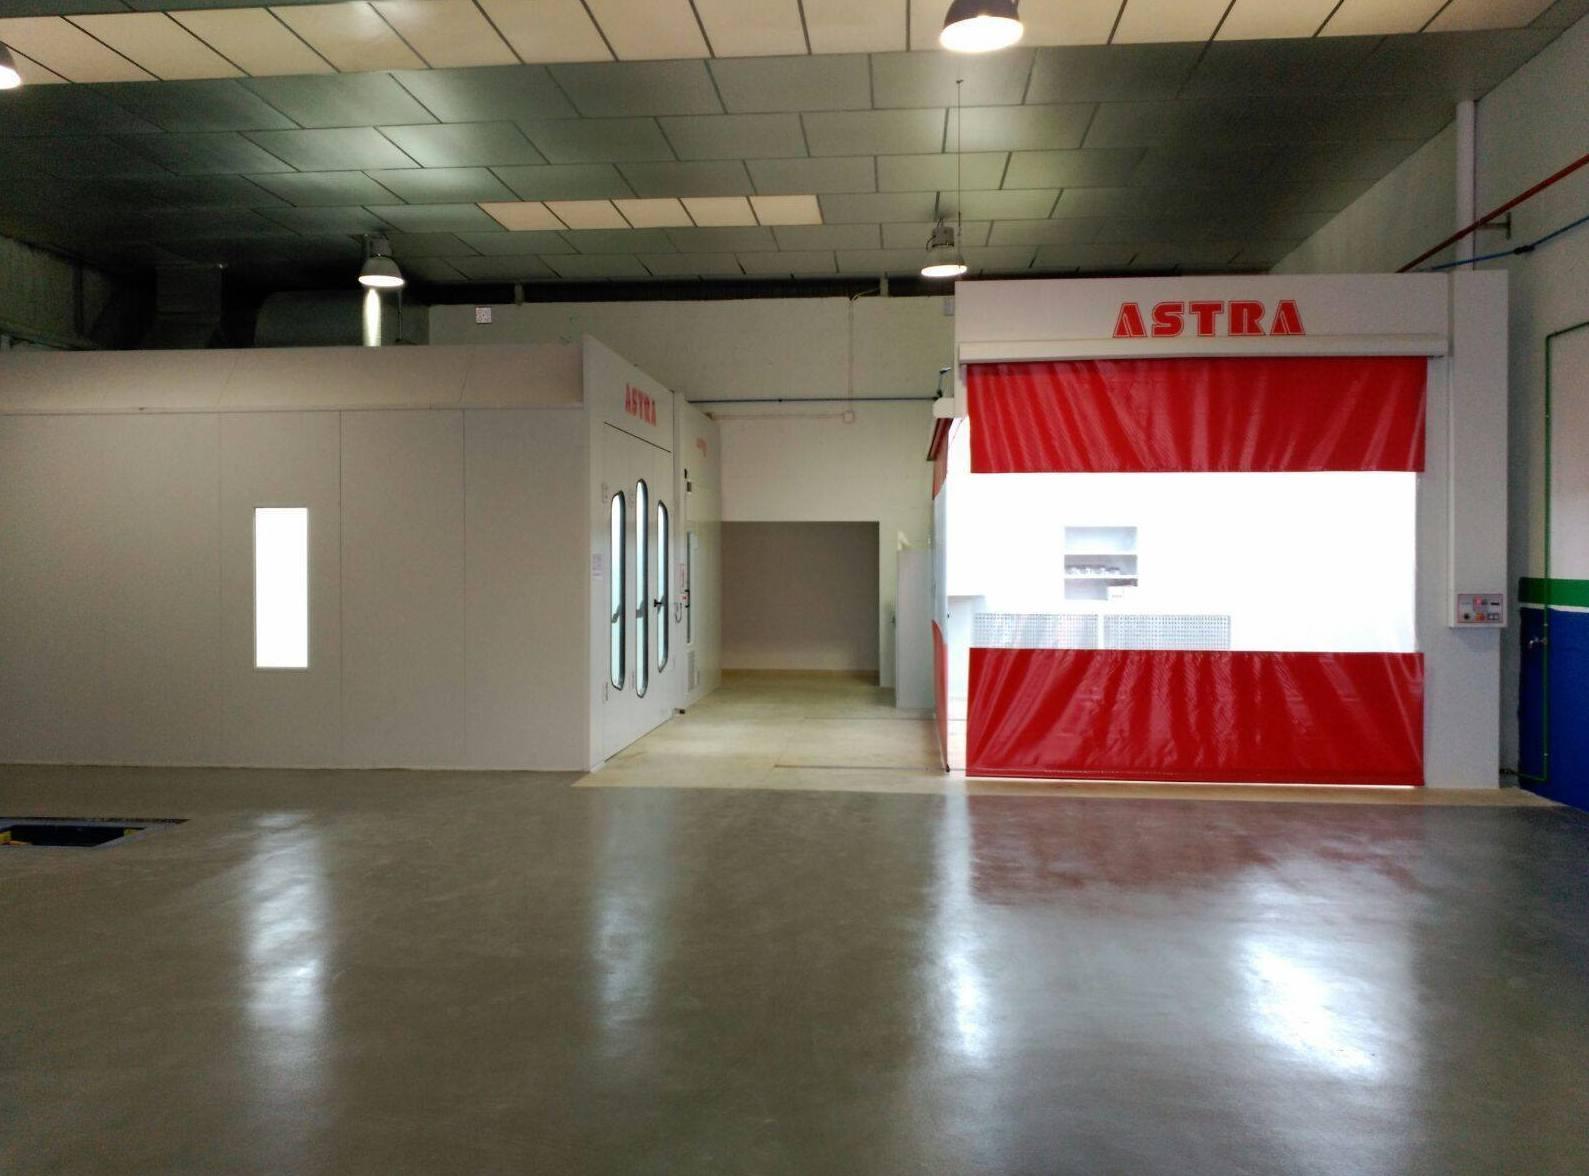 Taller de chapa y pintura equipado con cabinas ASTRA para un óptimo acabado